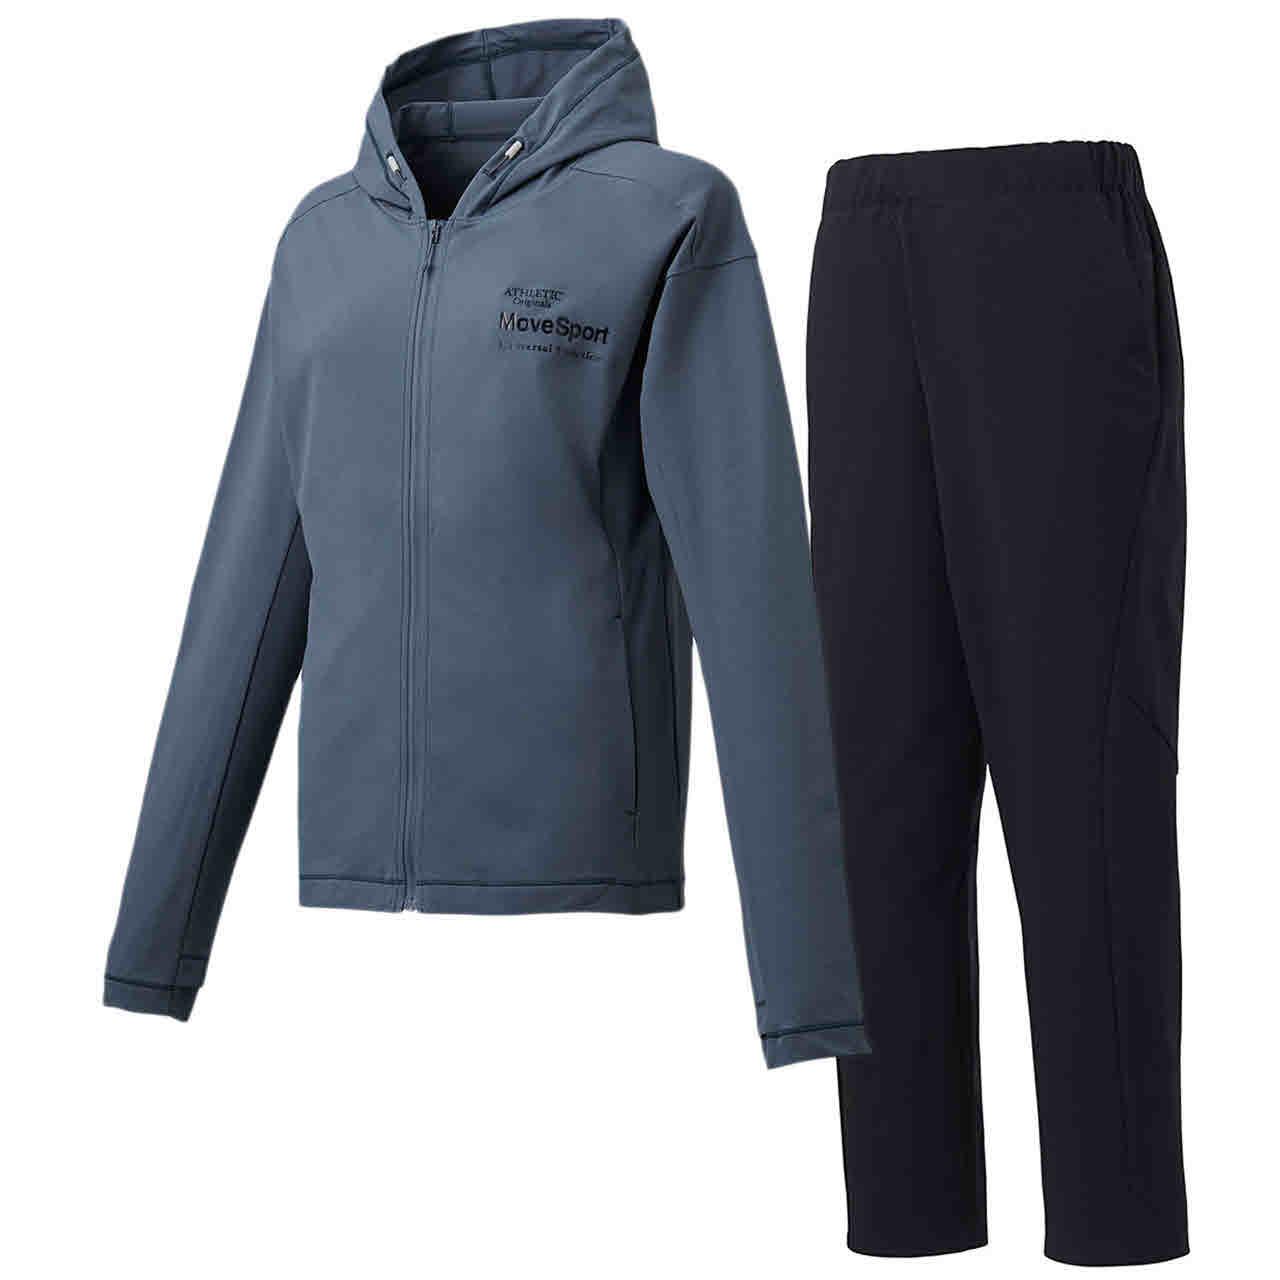 デサント レディース サンスクリーン フルジップシャツパーカー&ロングパンツ上下セット ブルーグレー×ブラック